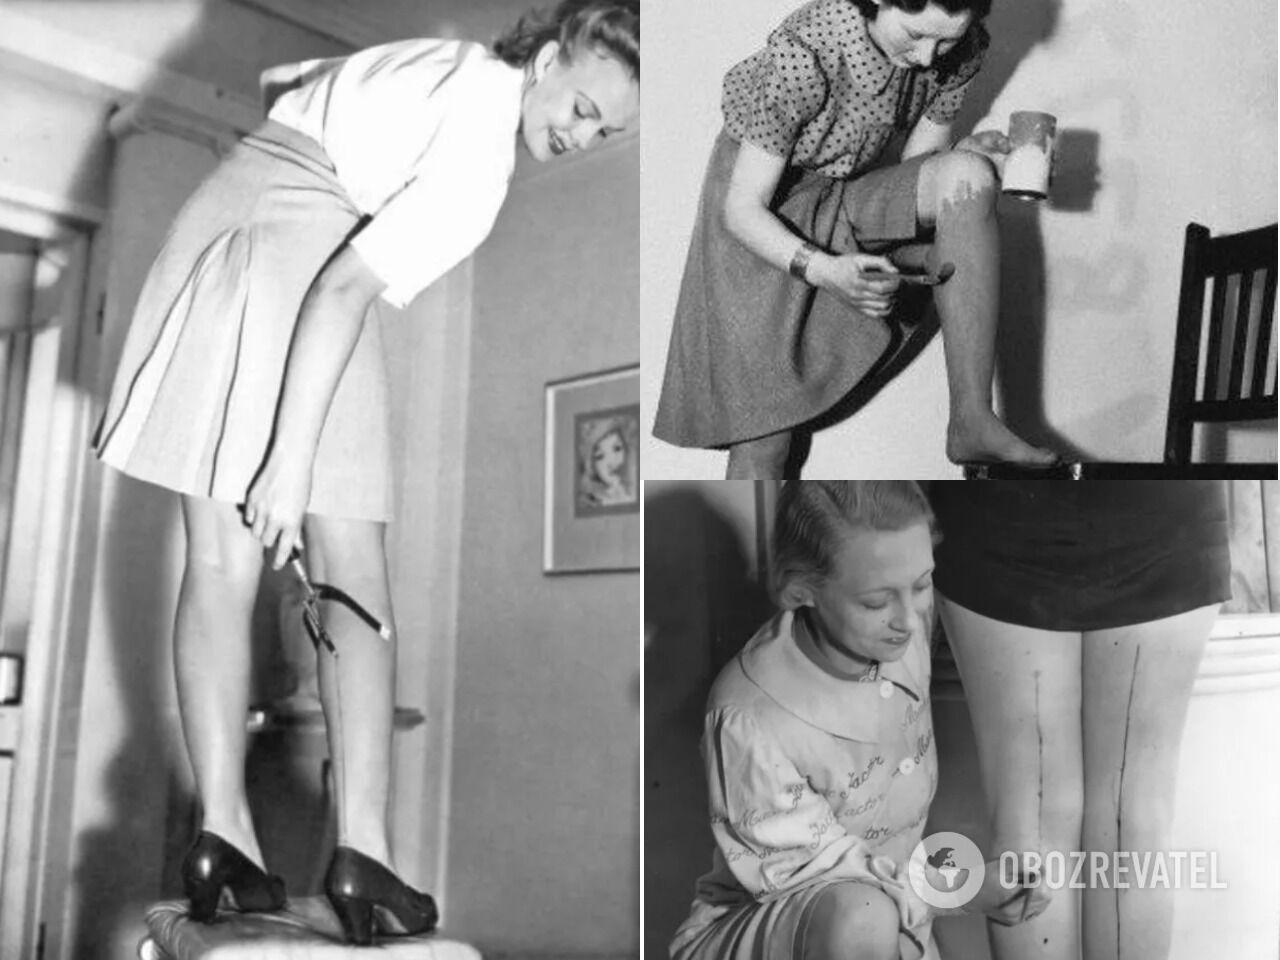 Во времена Второй мировой войны женщины рисовали себе чулки и носки разной краской, от которой были высыпания и аллергии